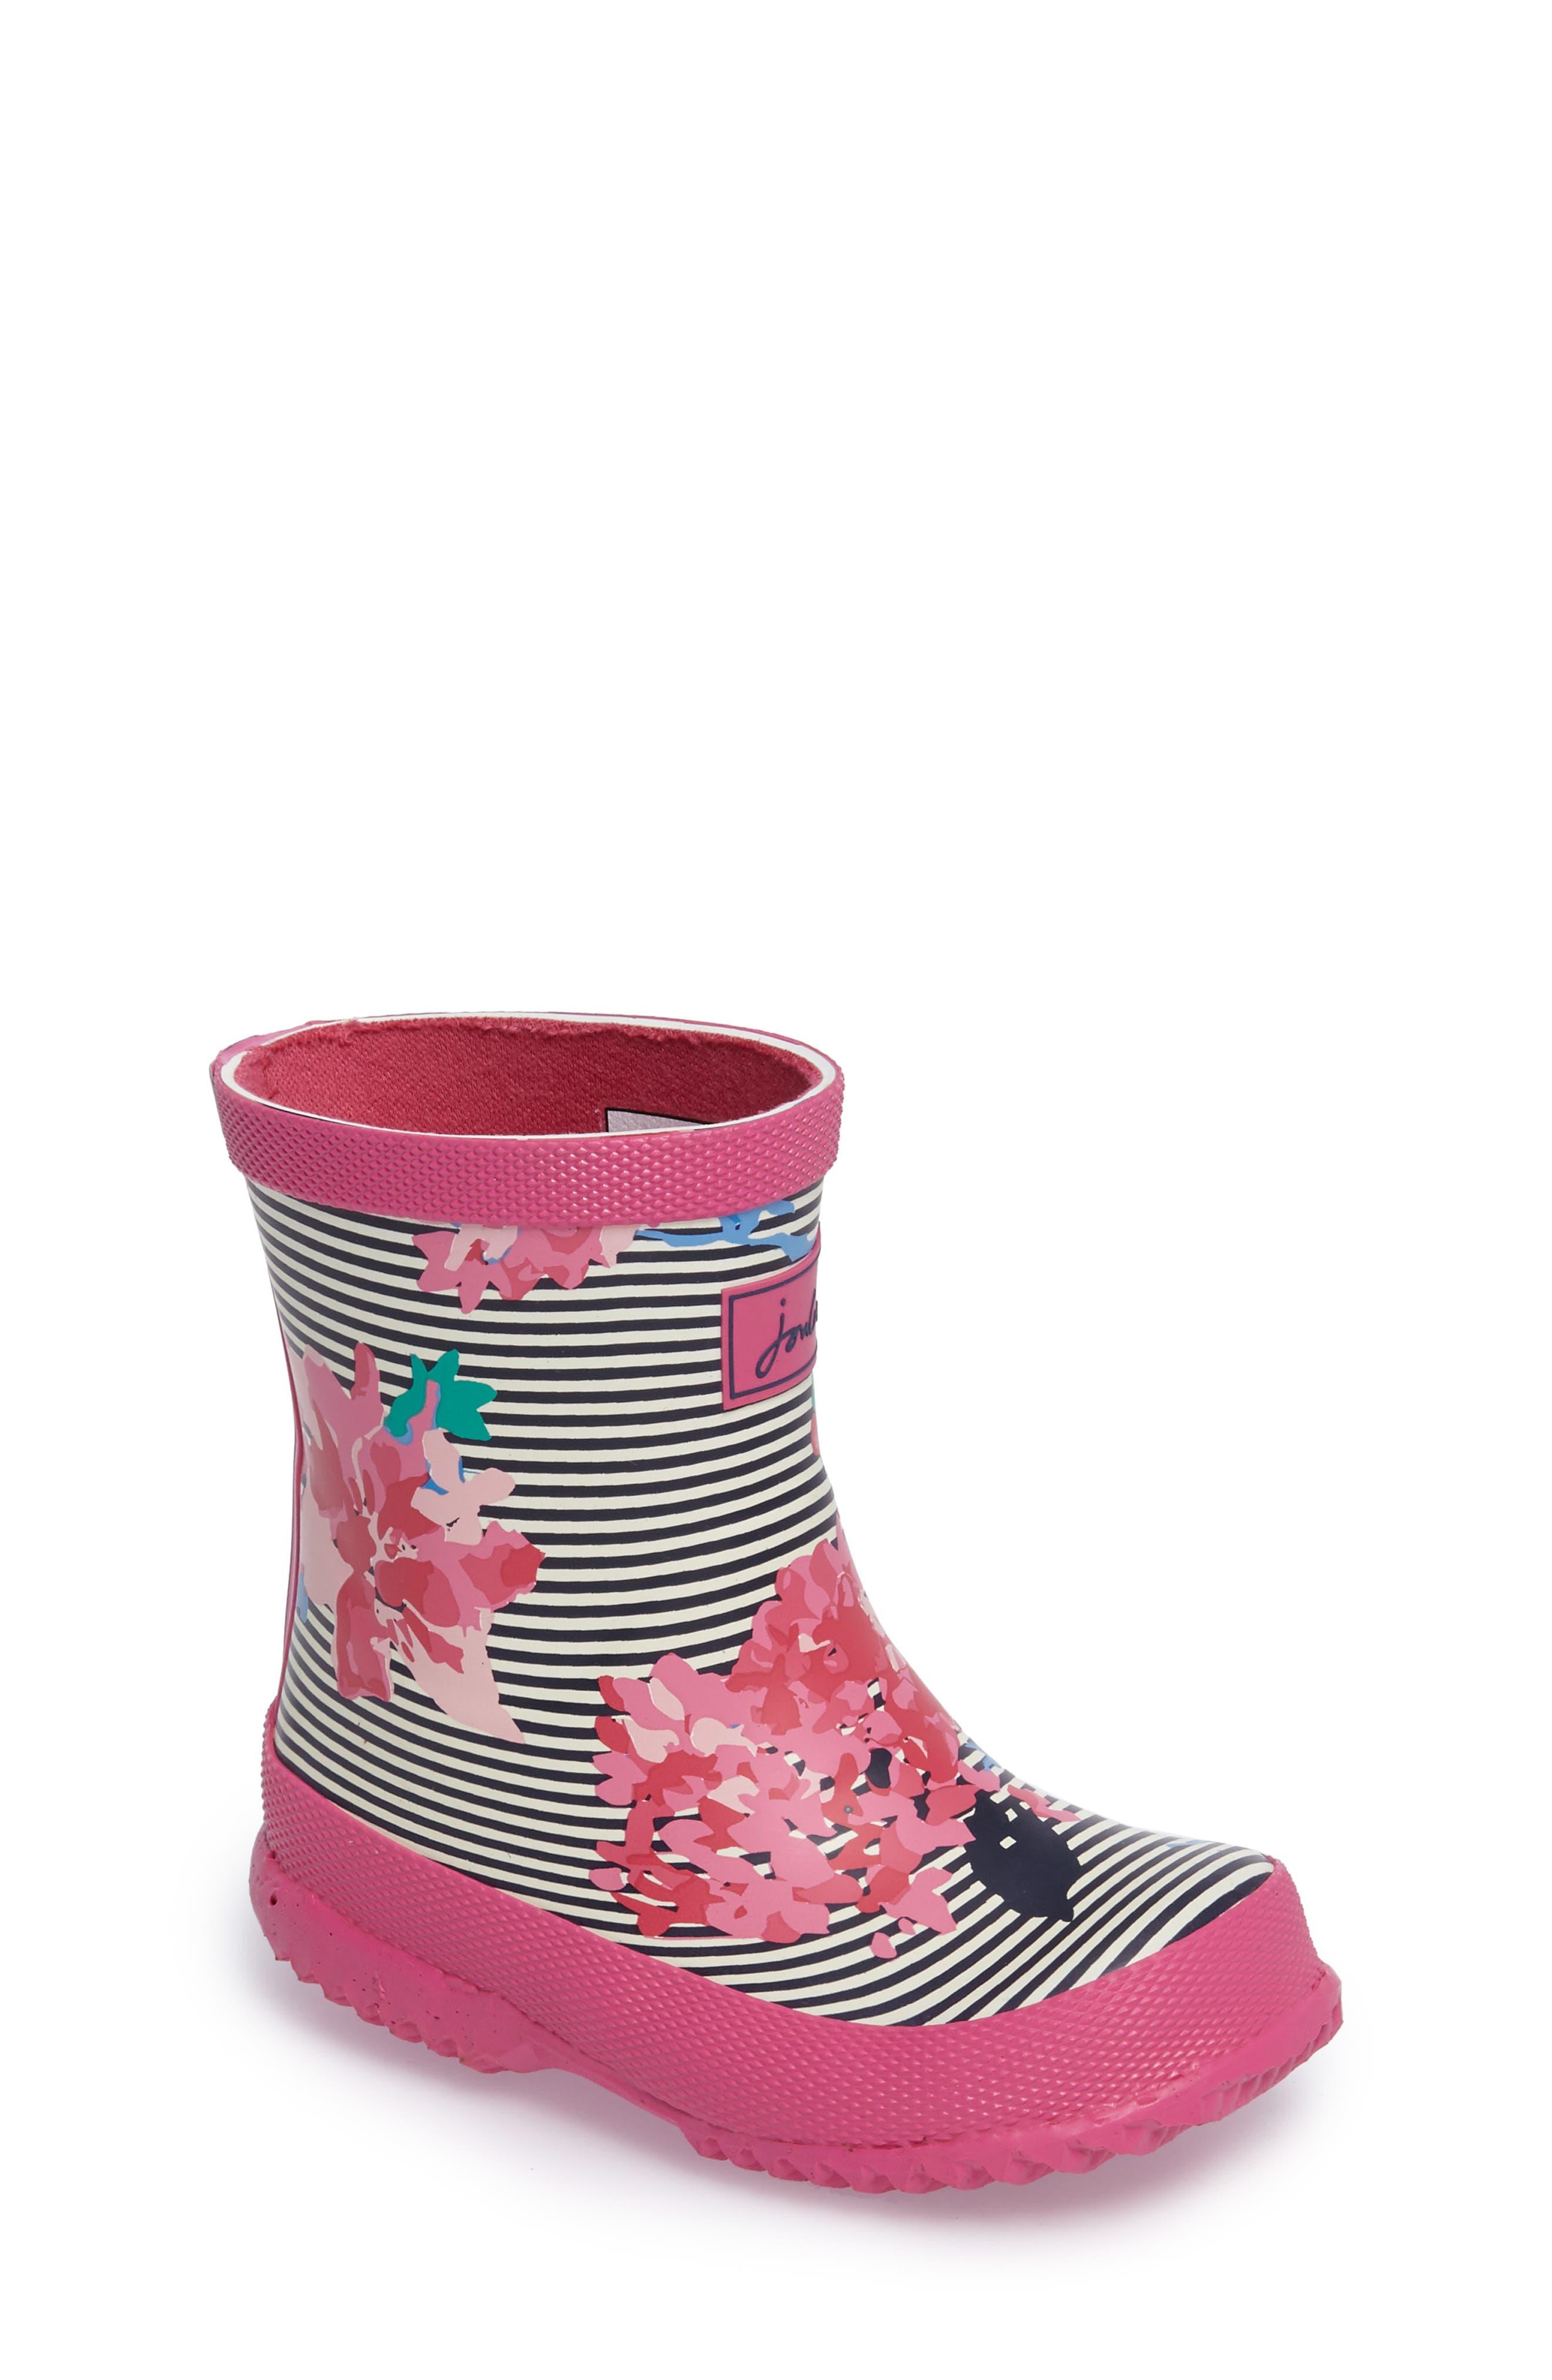 JOULES Printed Waterproof Rain Boot